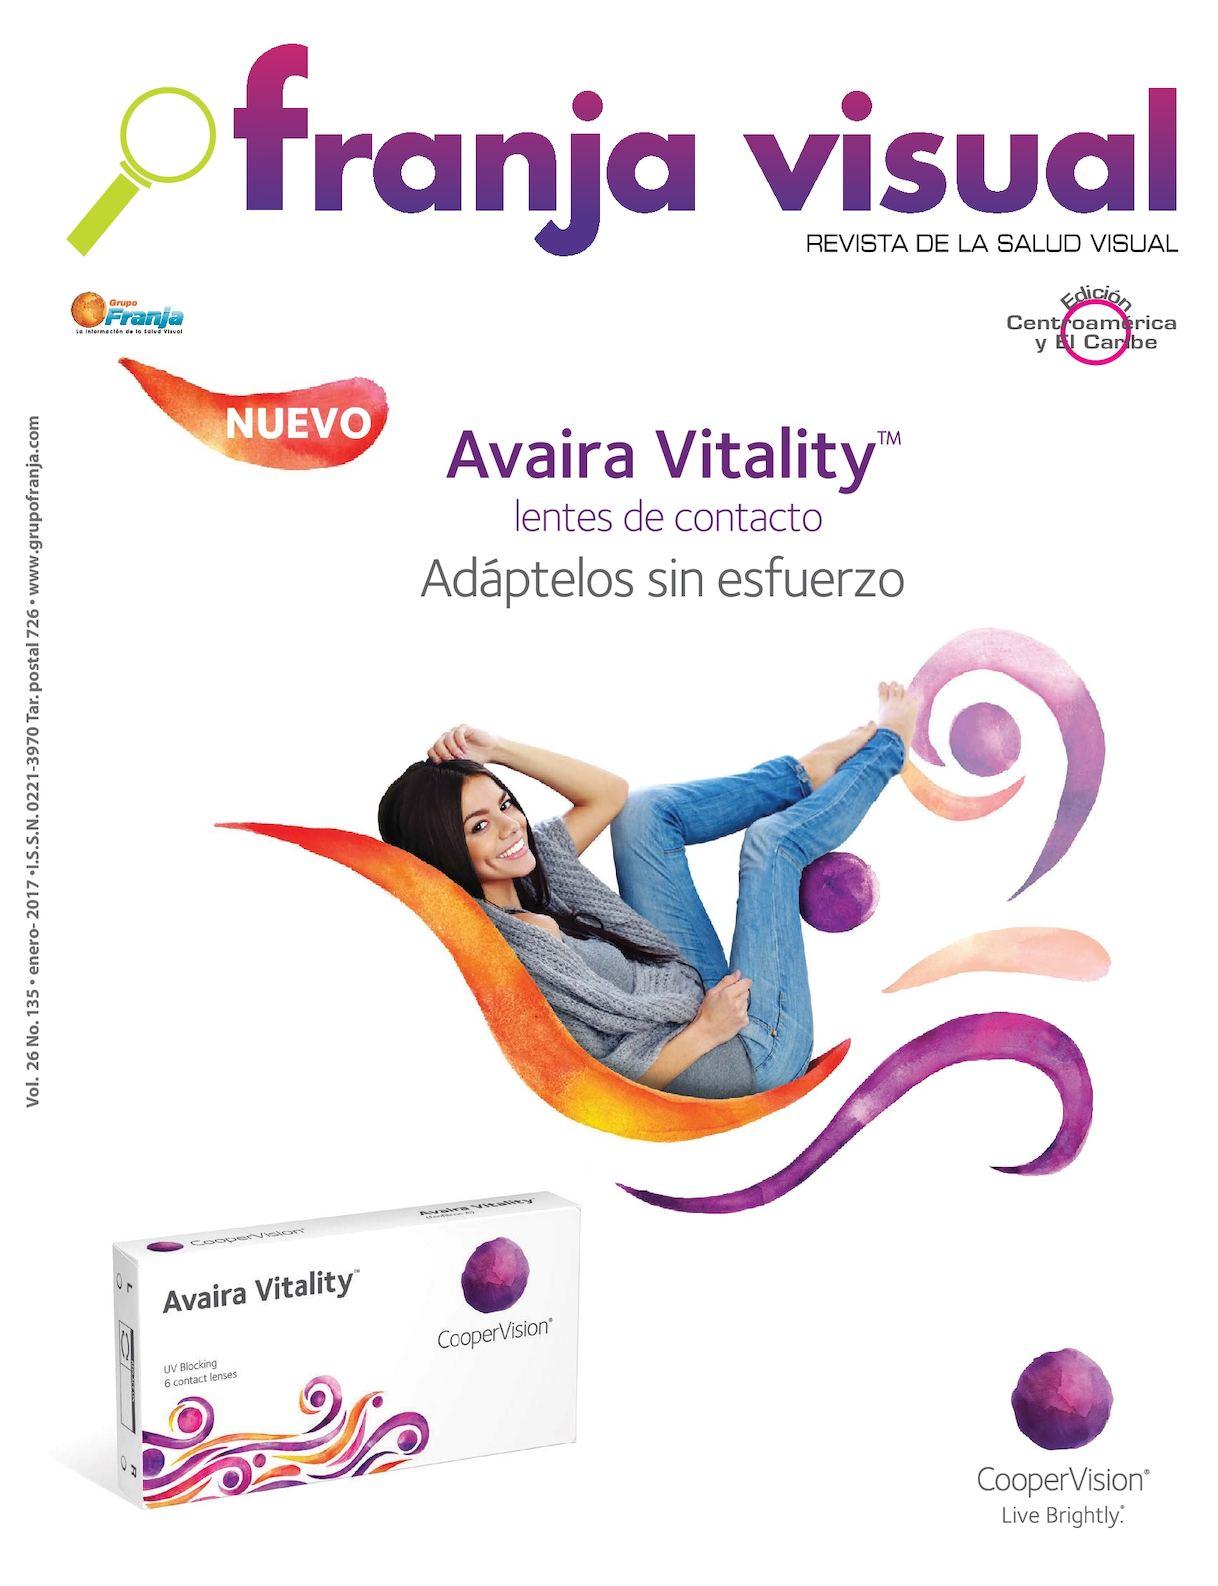 20b733faf1 Calaméo - Franja Visual 135 Centroamérica